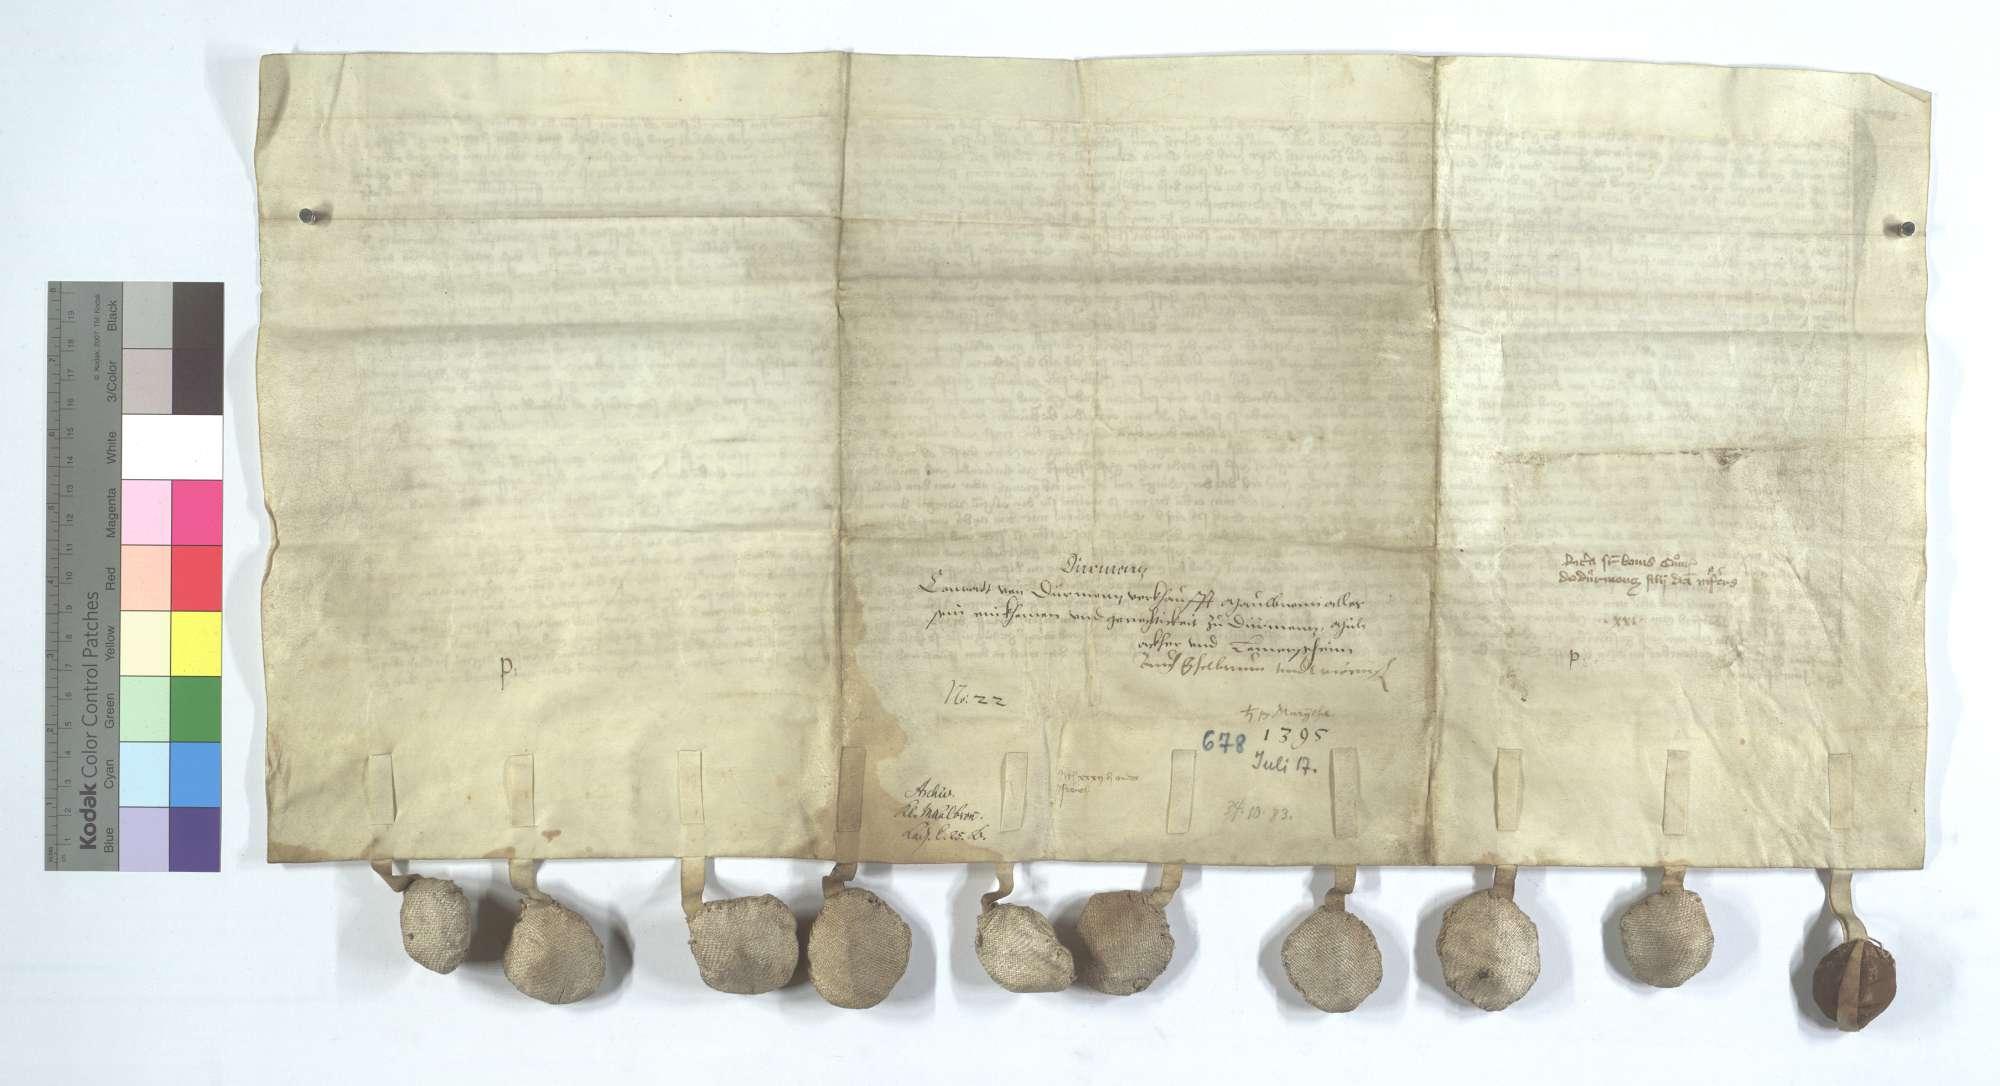 Conrad von Dürrmenz verkauft dem Kloster Maulbronn all sein Einkommen und Gerechtsame in Dürrmenz, Mühlacker (Mülacker), Lomersheim, Öschelbronn (Eschelbronn) und Wiernsheim., Rückseite